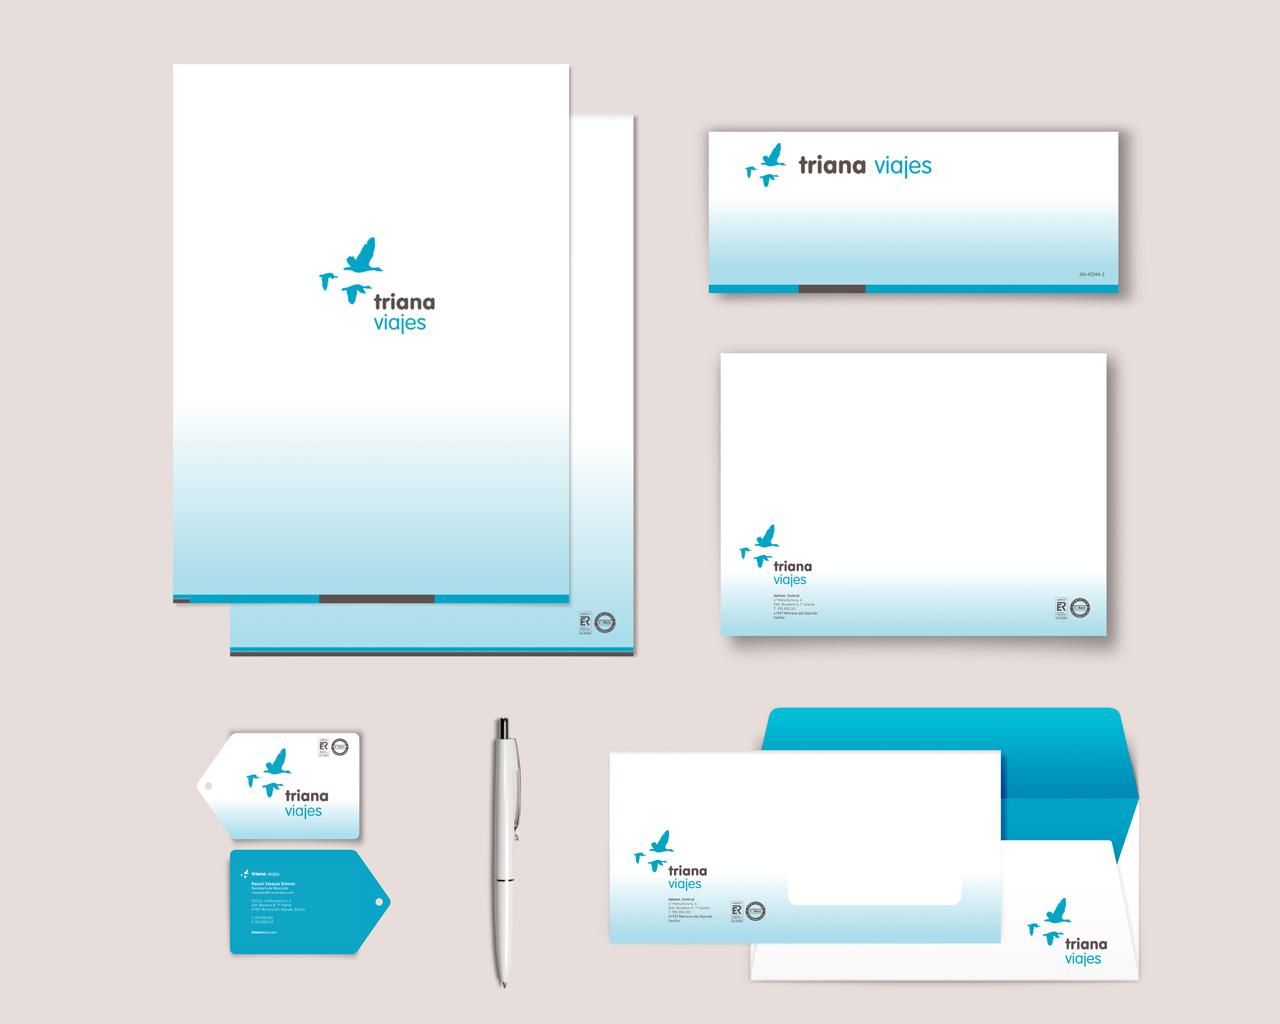 Diseño de identidad corporativa para Triana Viajes, por Momo & Cía.